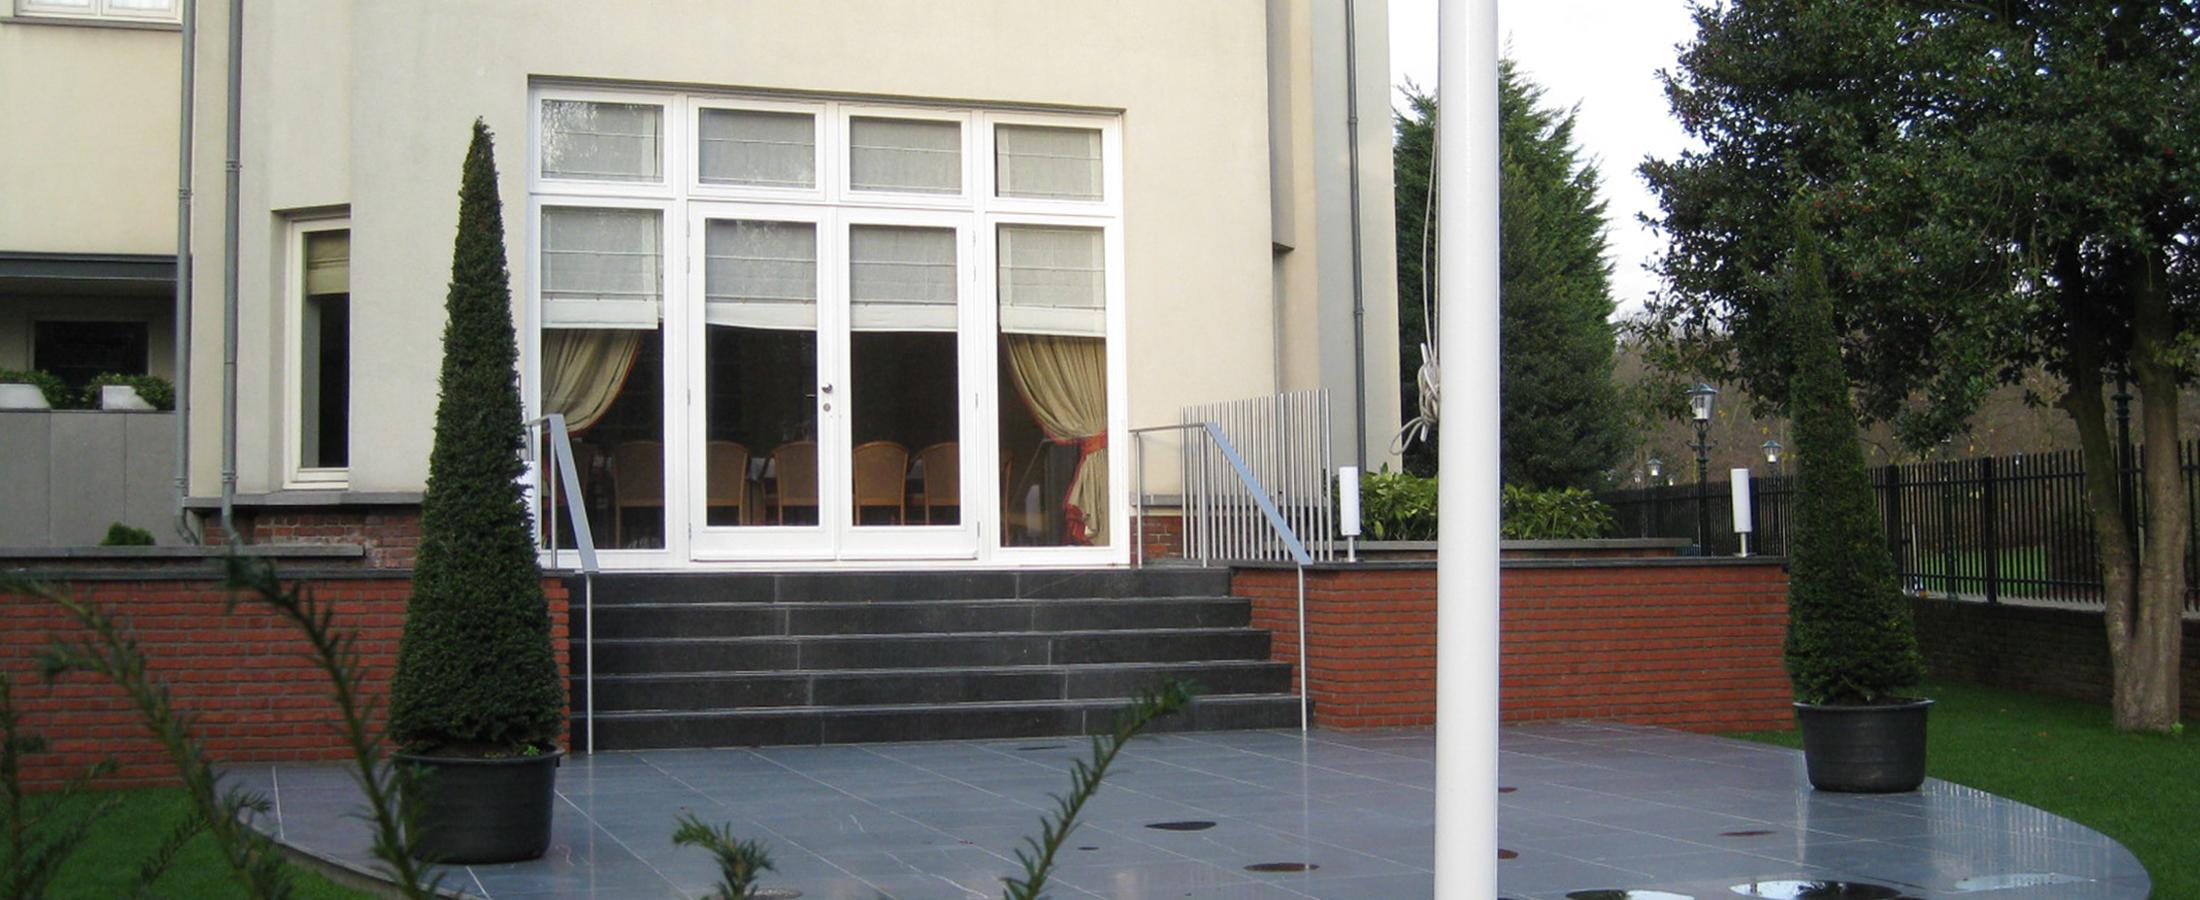 Slovak Embassy, The Hague